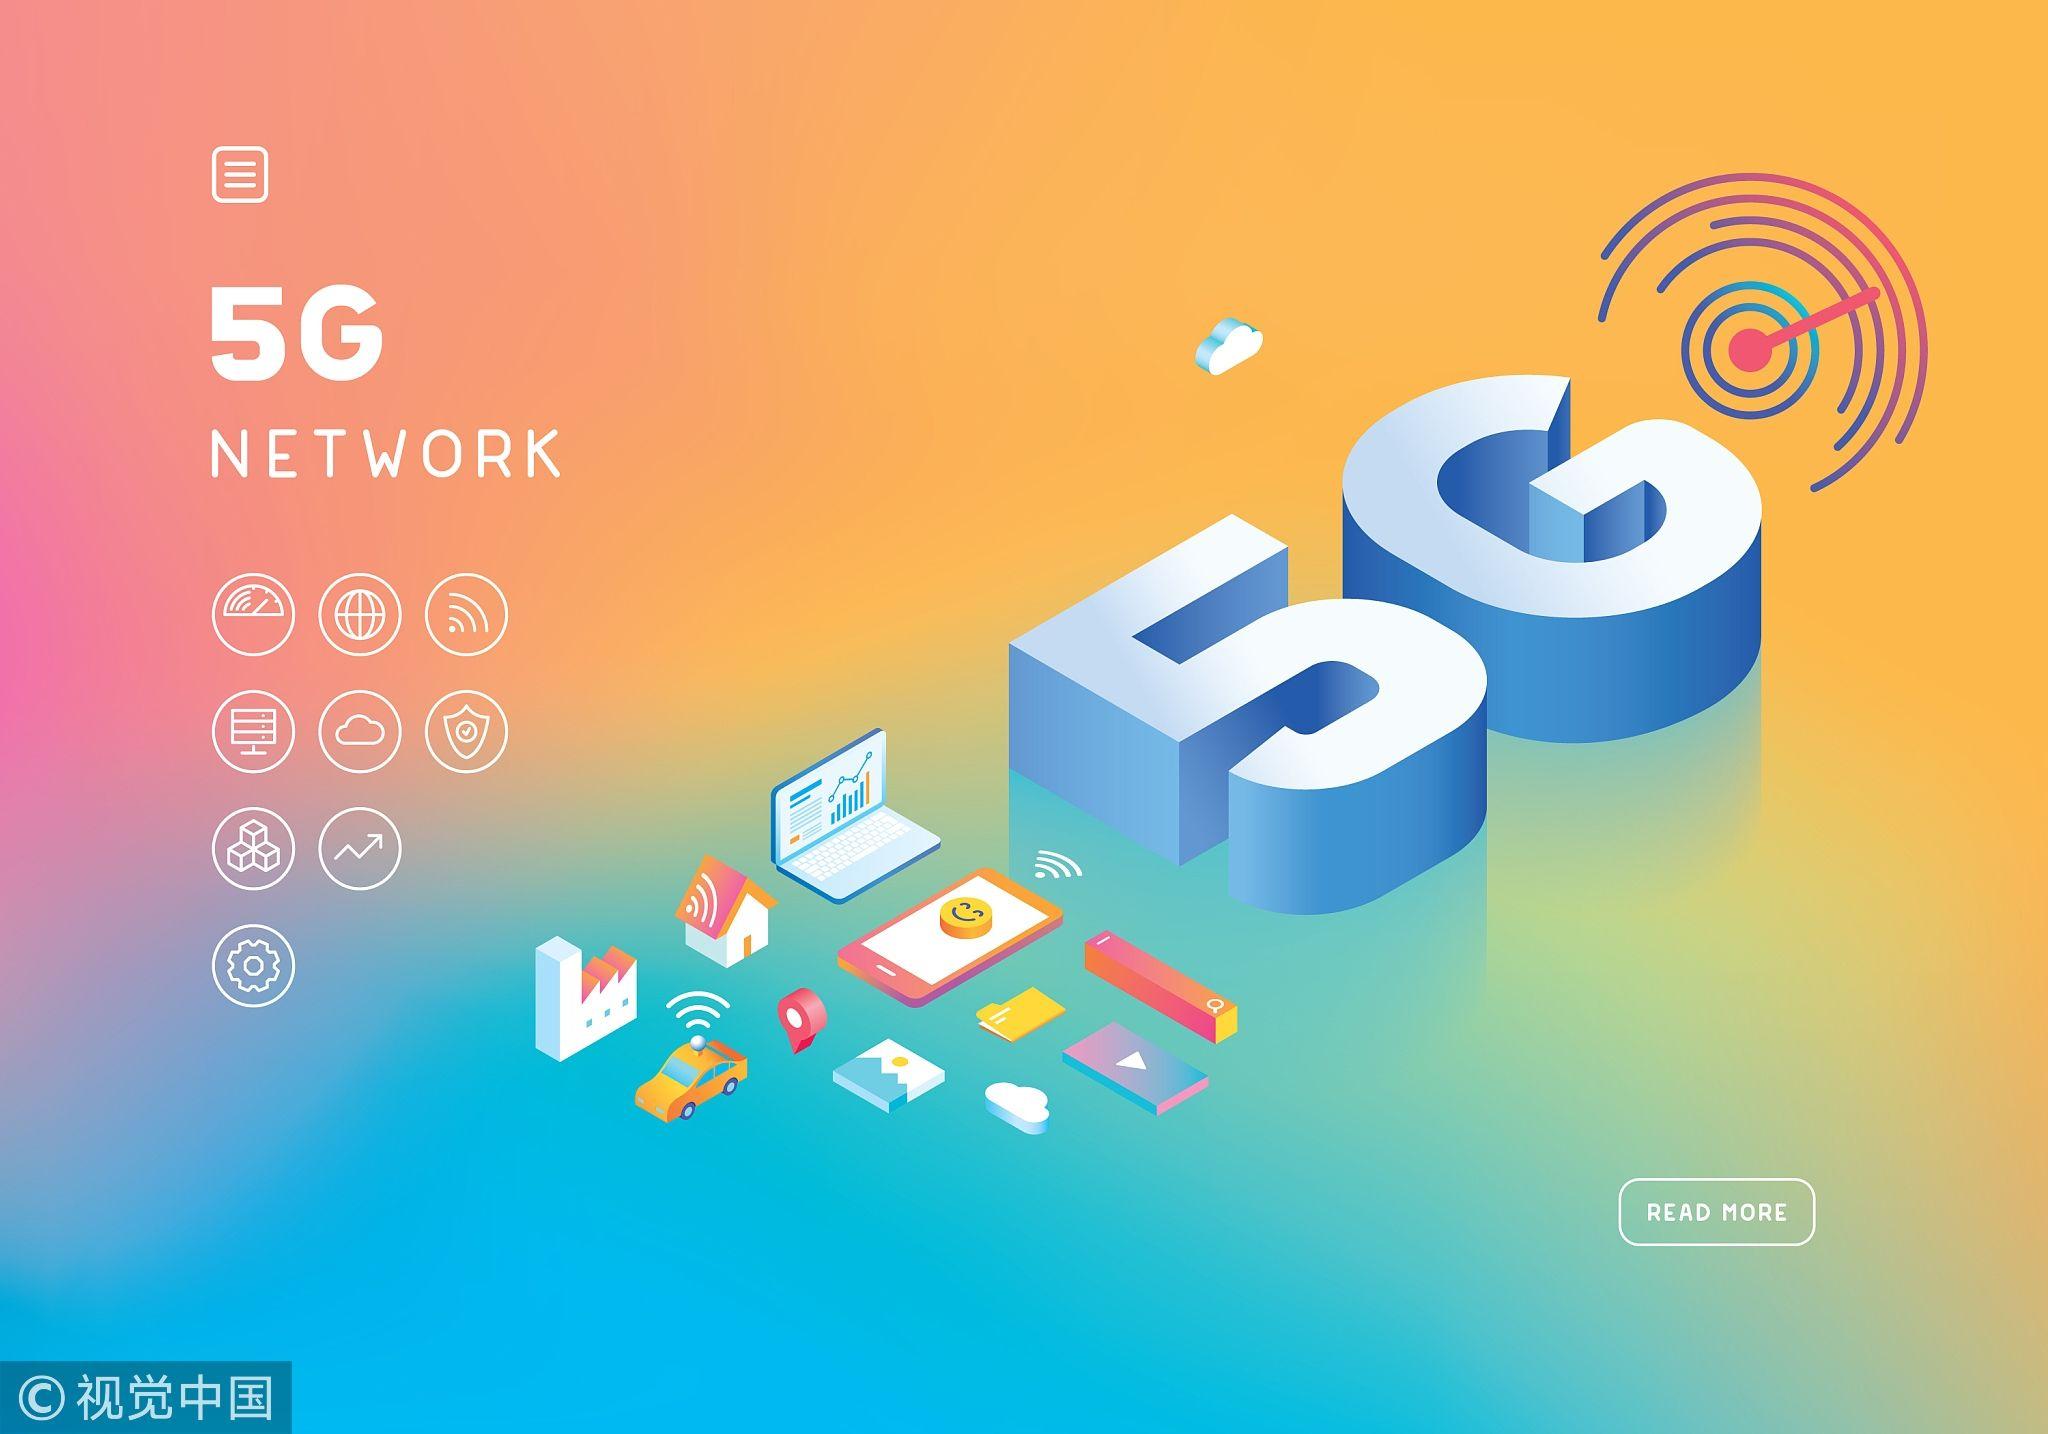 工信部:今年年中有望出现较好的5G商用终端